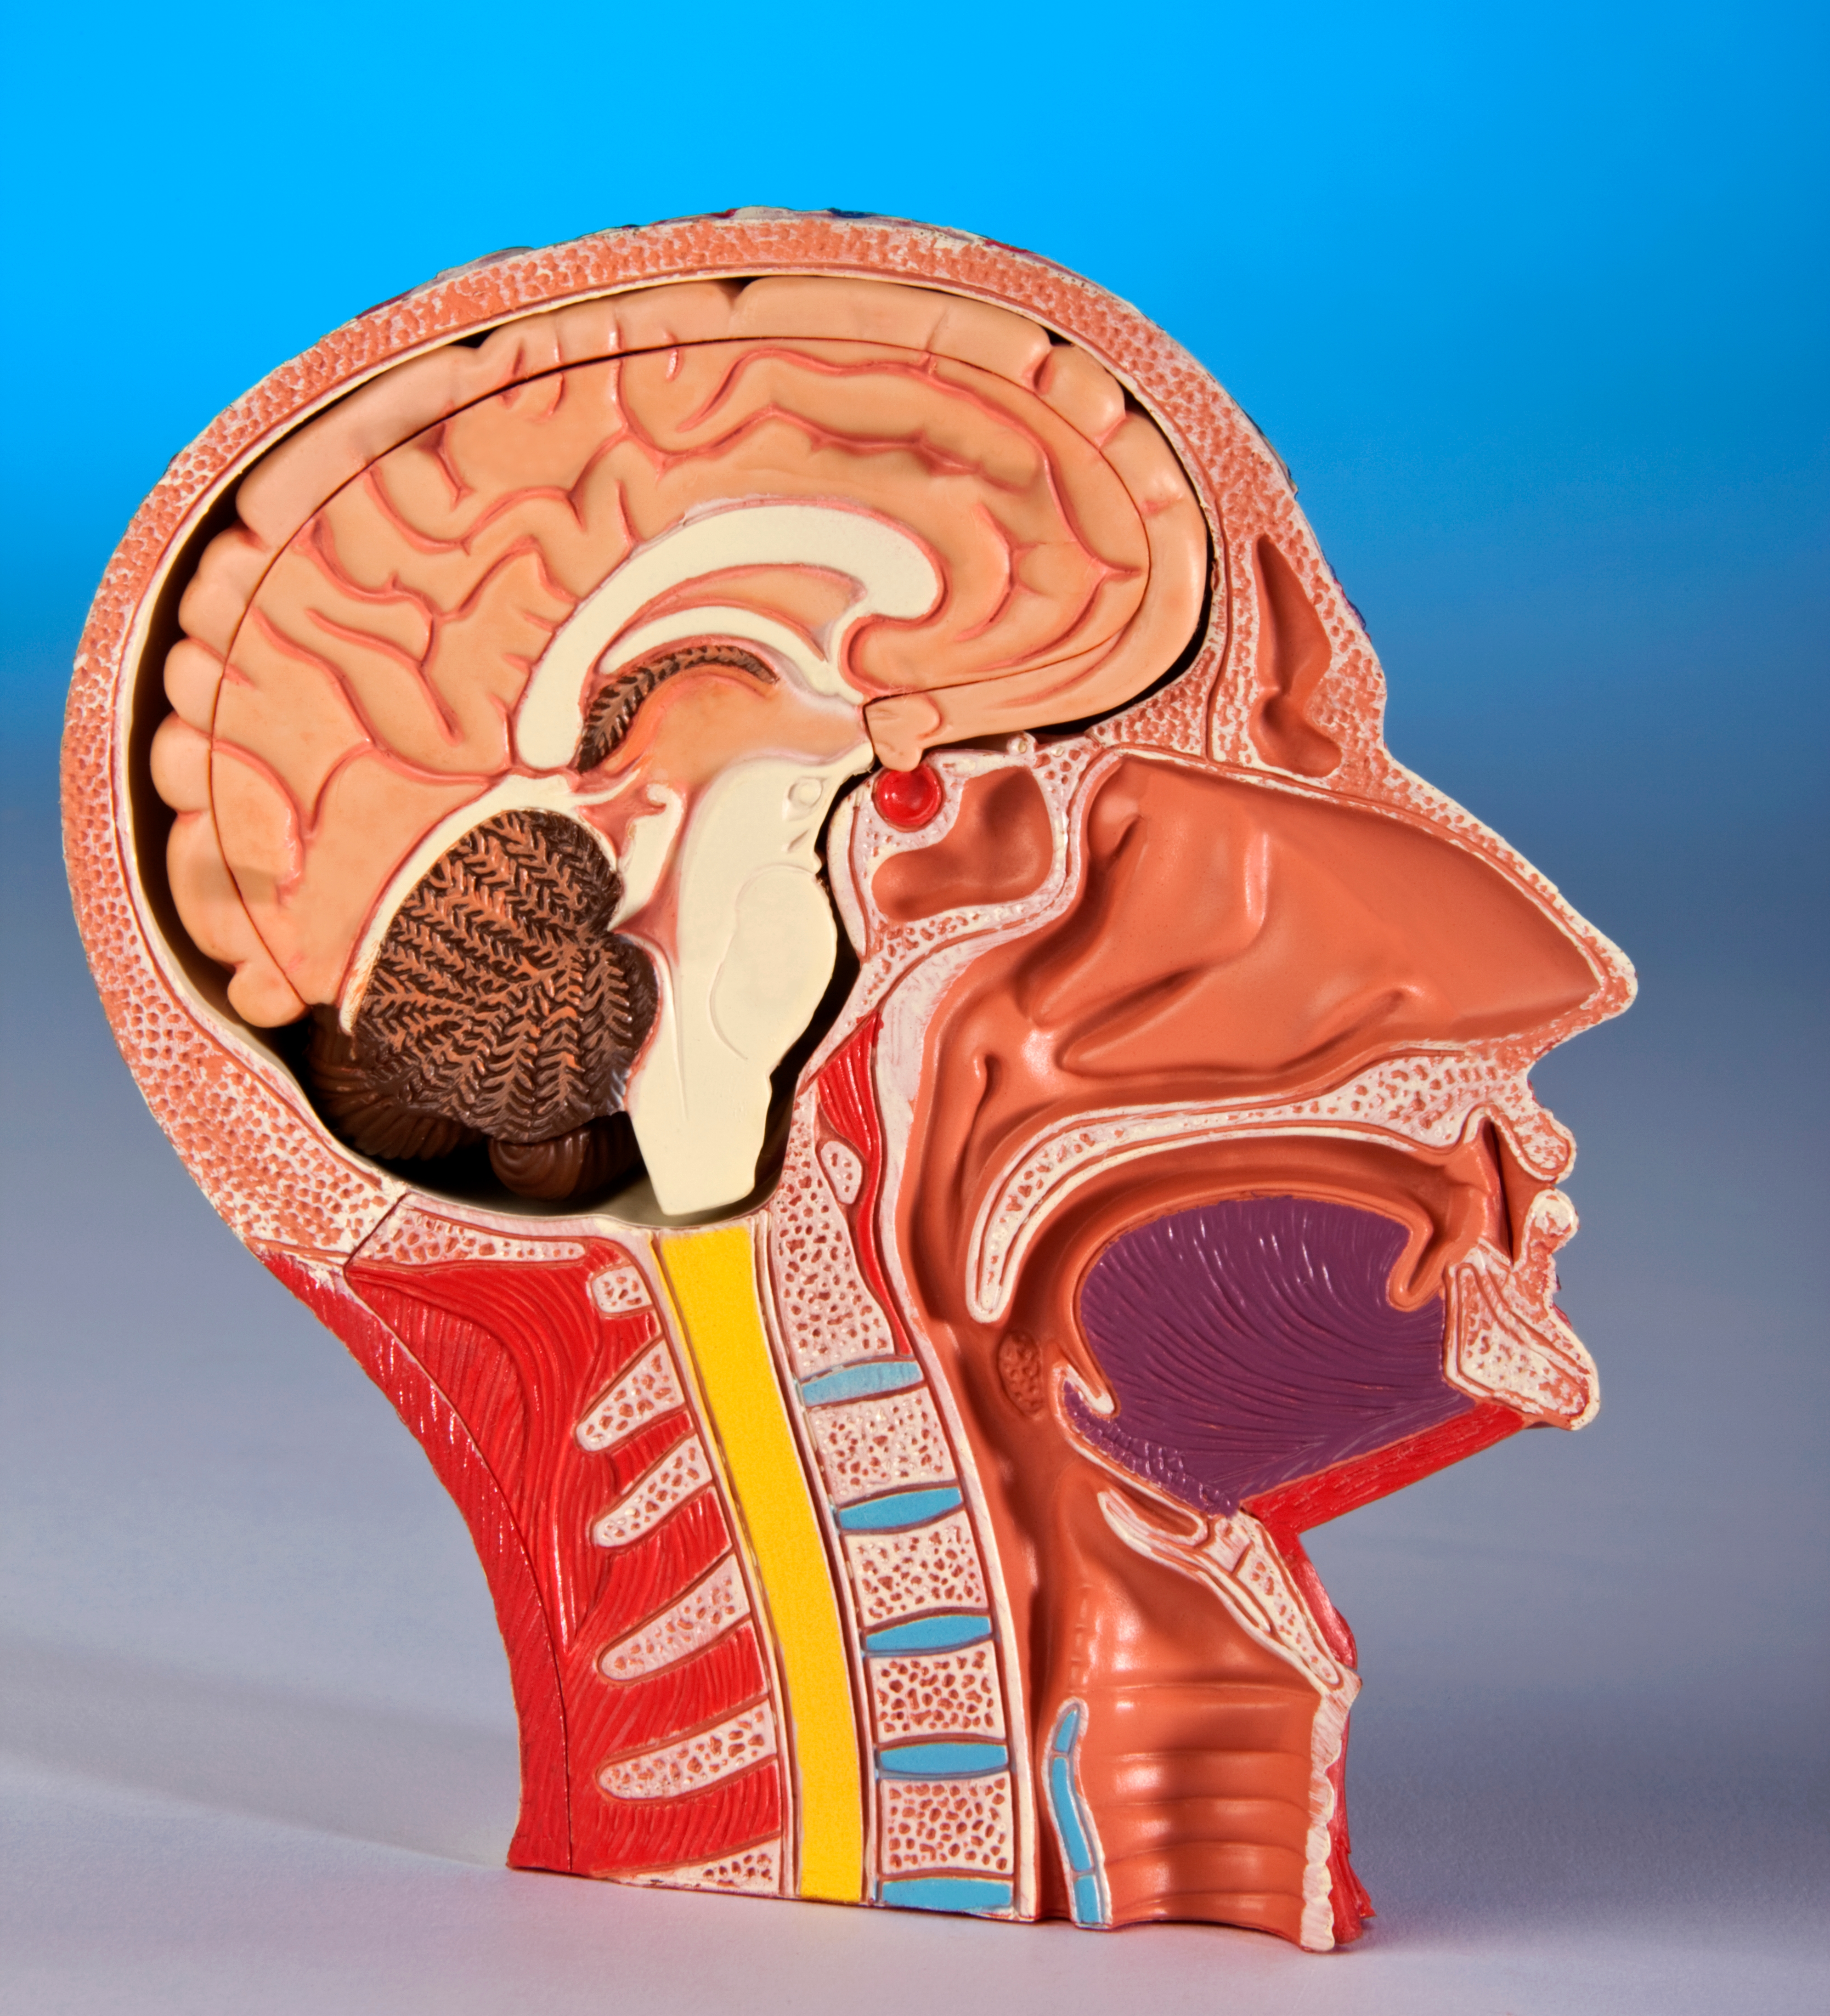 الفيسيولوجيا - علم وظائف الأعضاء